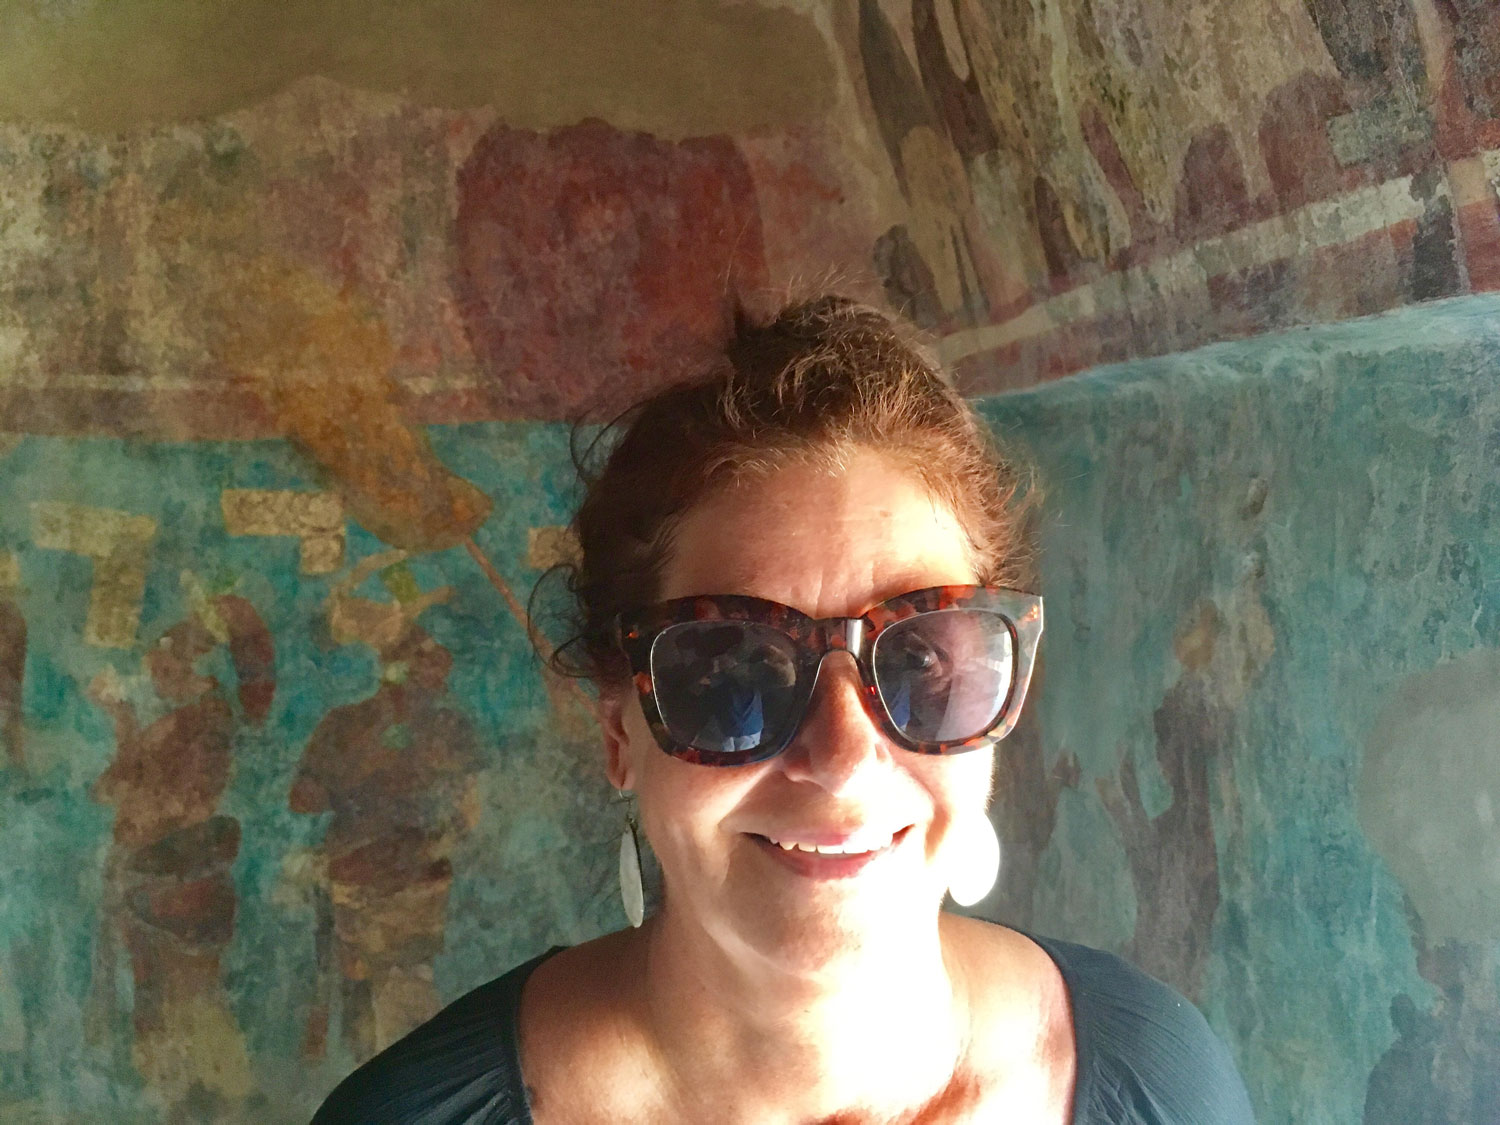 Hammocks_and_Ruins_Blog_Riviera_Maya_Mexico_Travel_Discover_Explore_What_to_do_Ruins_Bonompak_25.jpg